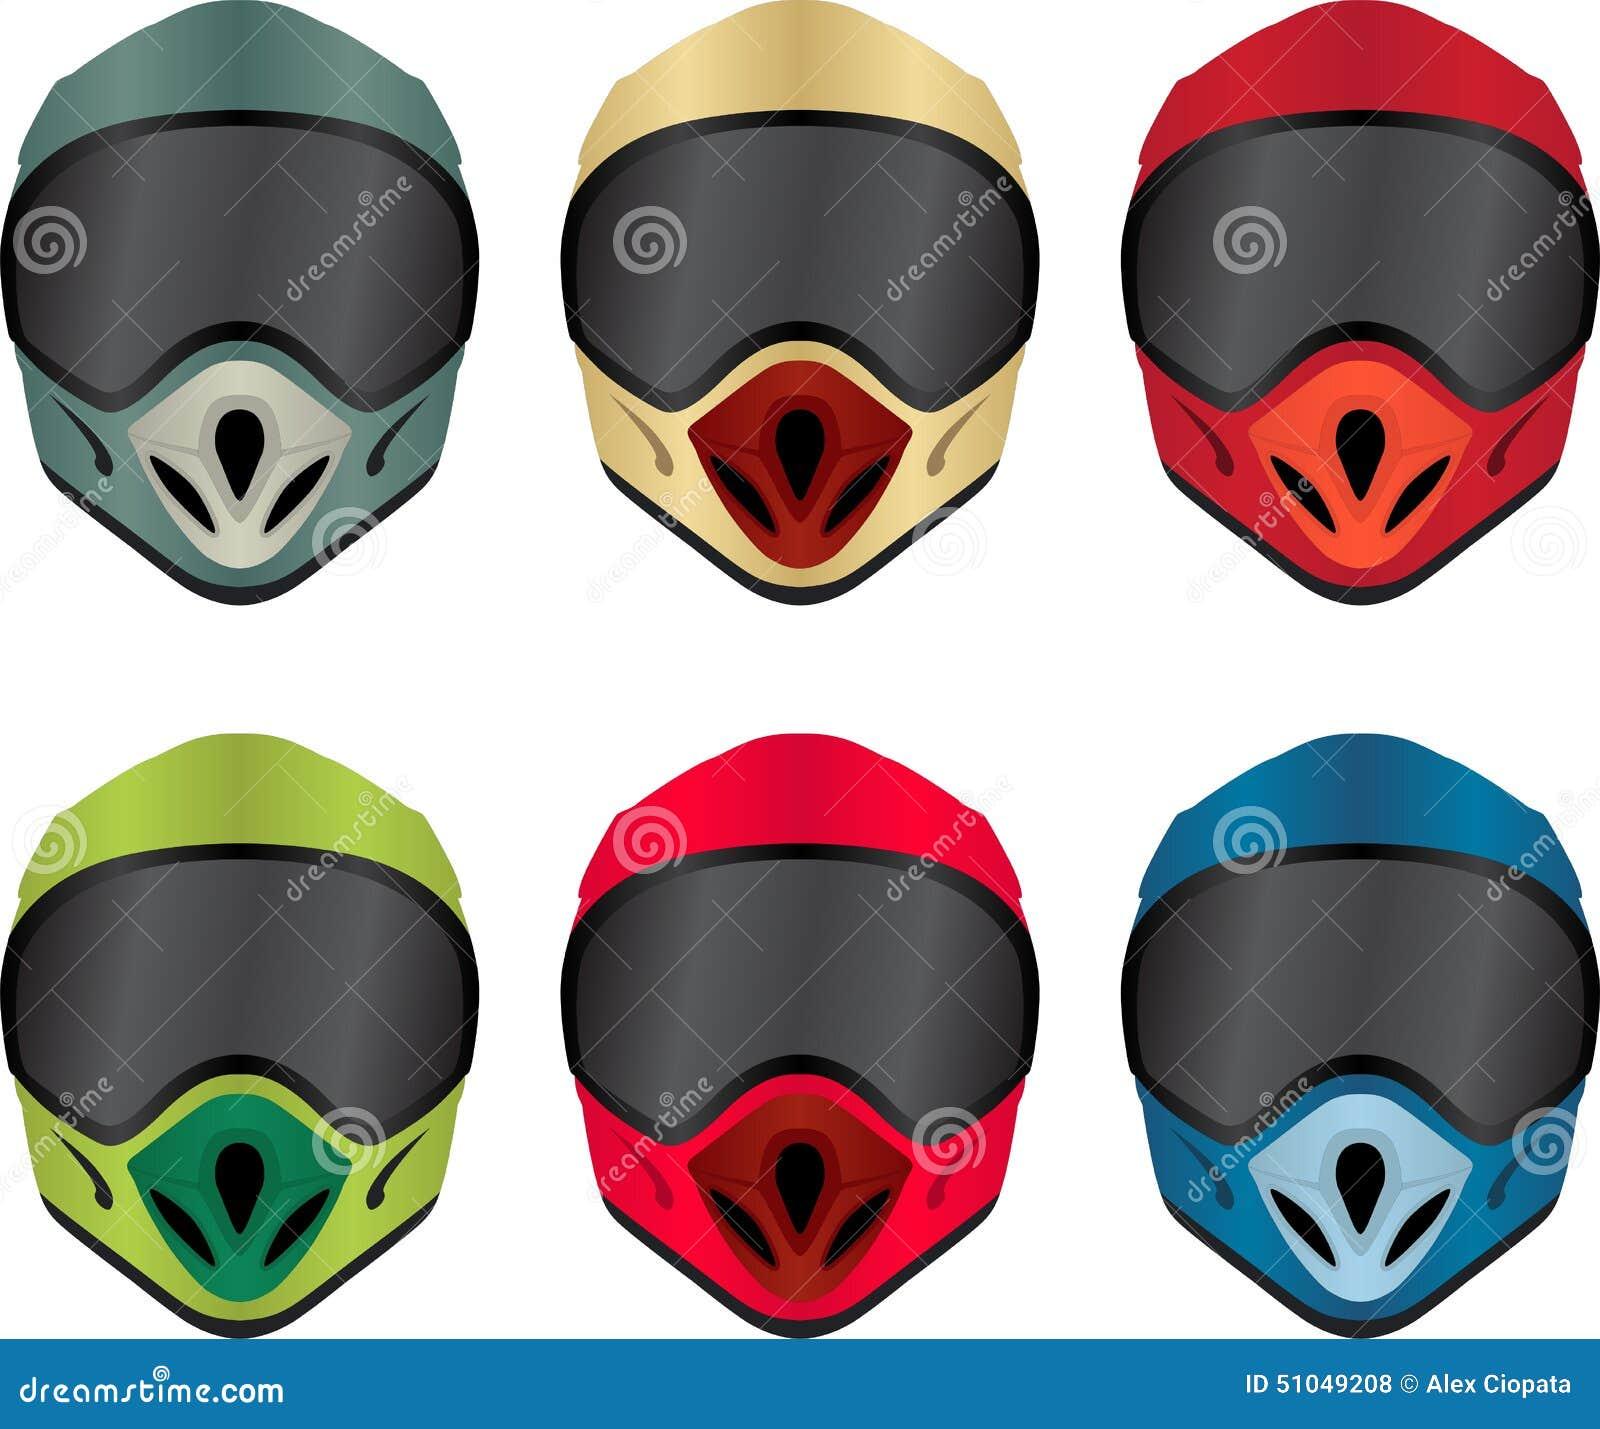 Motorbike Helmet Stock Vector - Image: 51049208